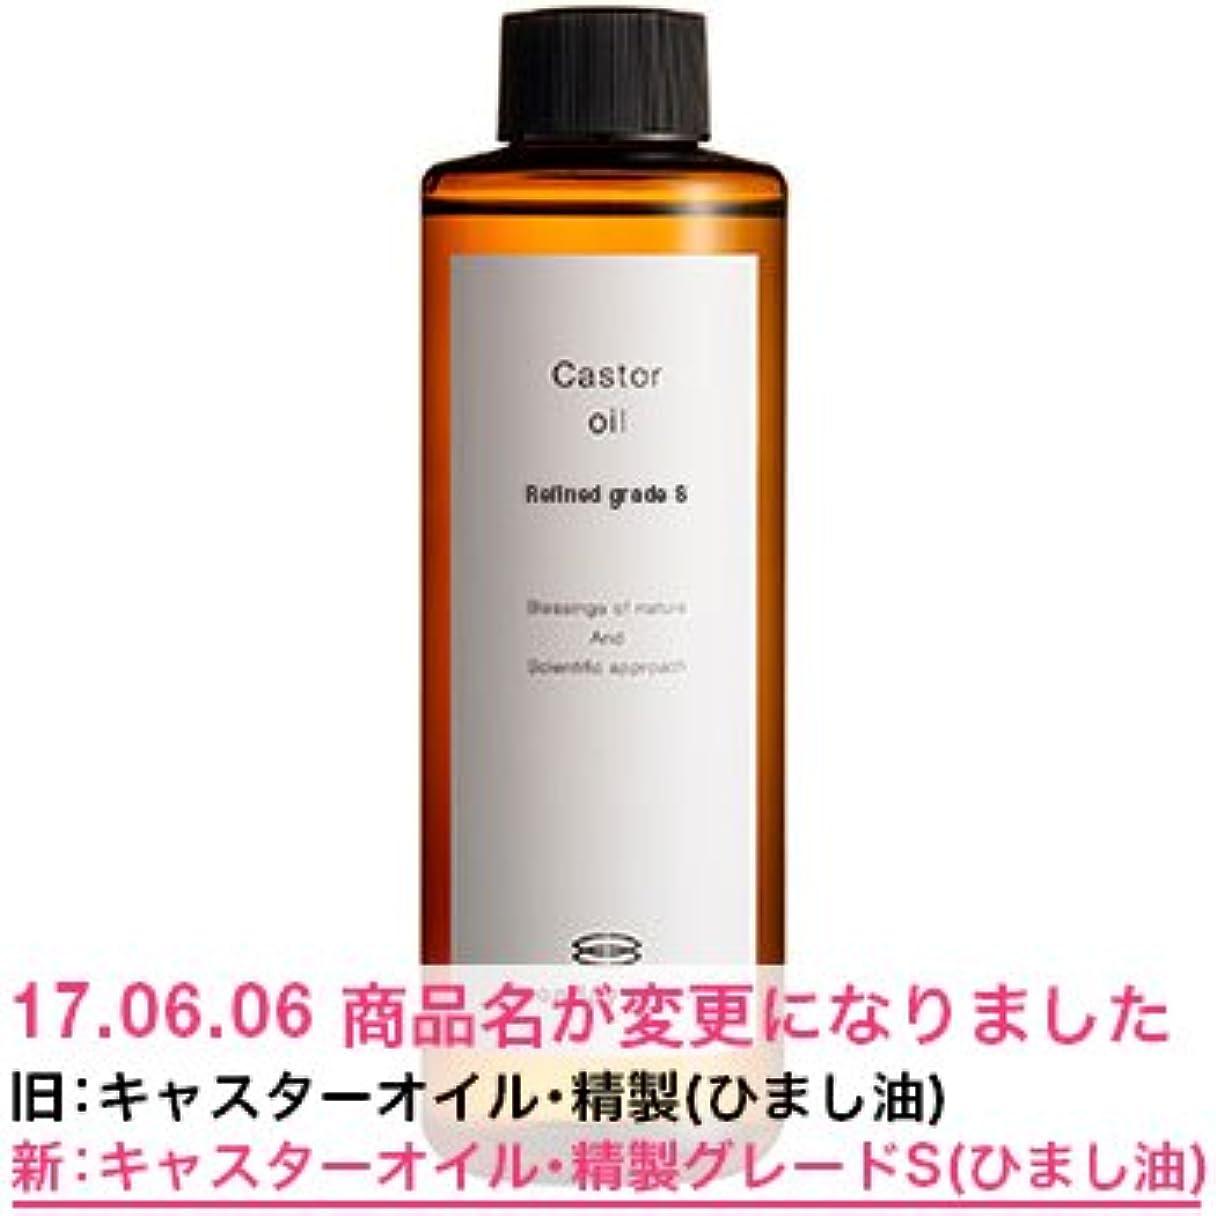 比較的レビュアー適応するキャスターオイル?精製グレードS(ひまし油)/200ml